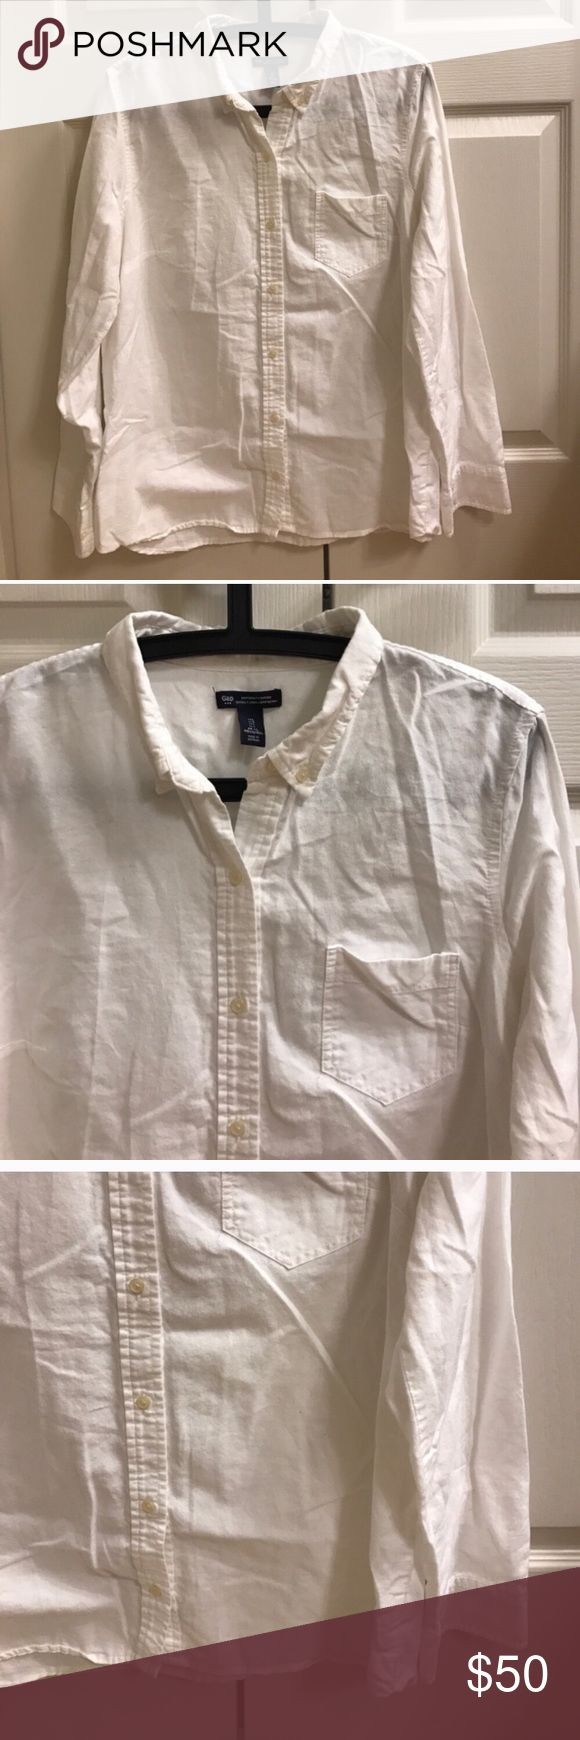 Size L Gap white boyfriend fit oxford shirt Size L Gap white boyfriend fit oxford shirt GAP Tops Button Down Shirts